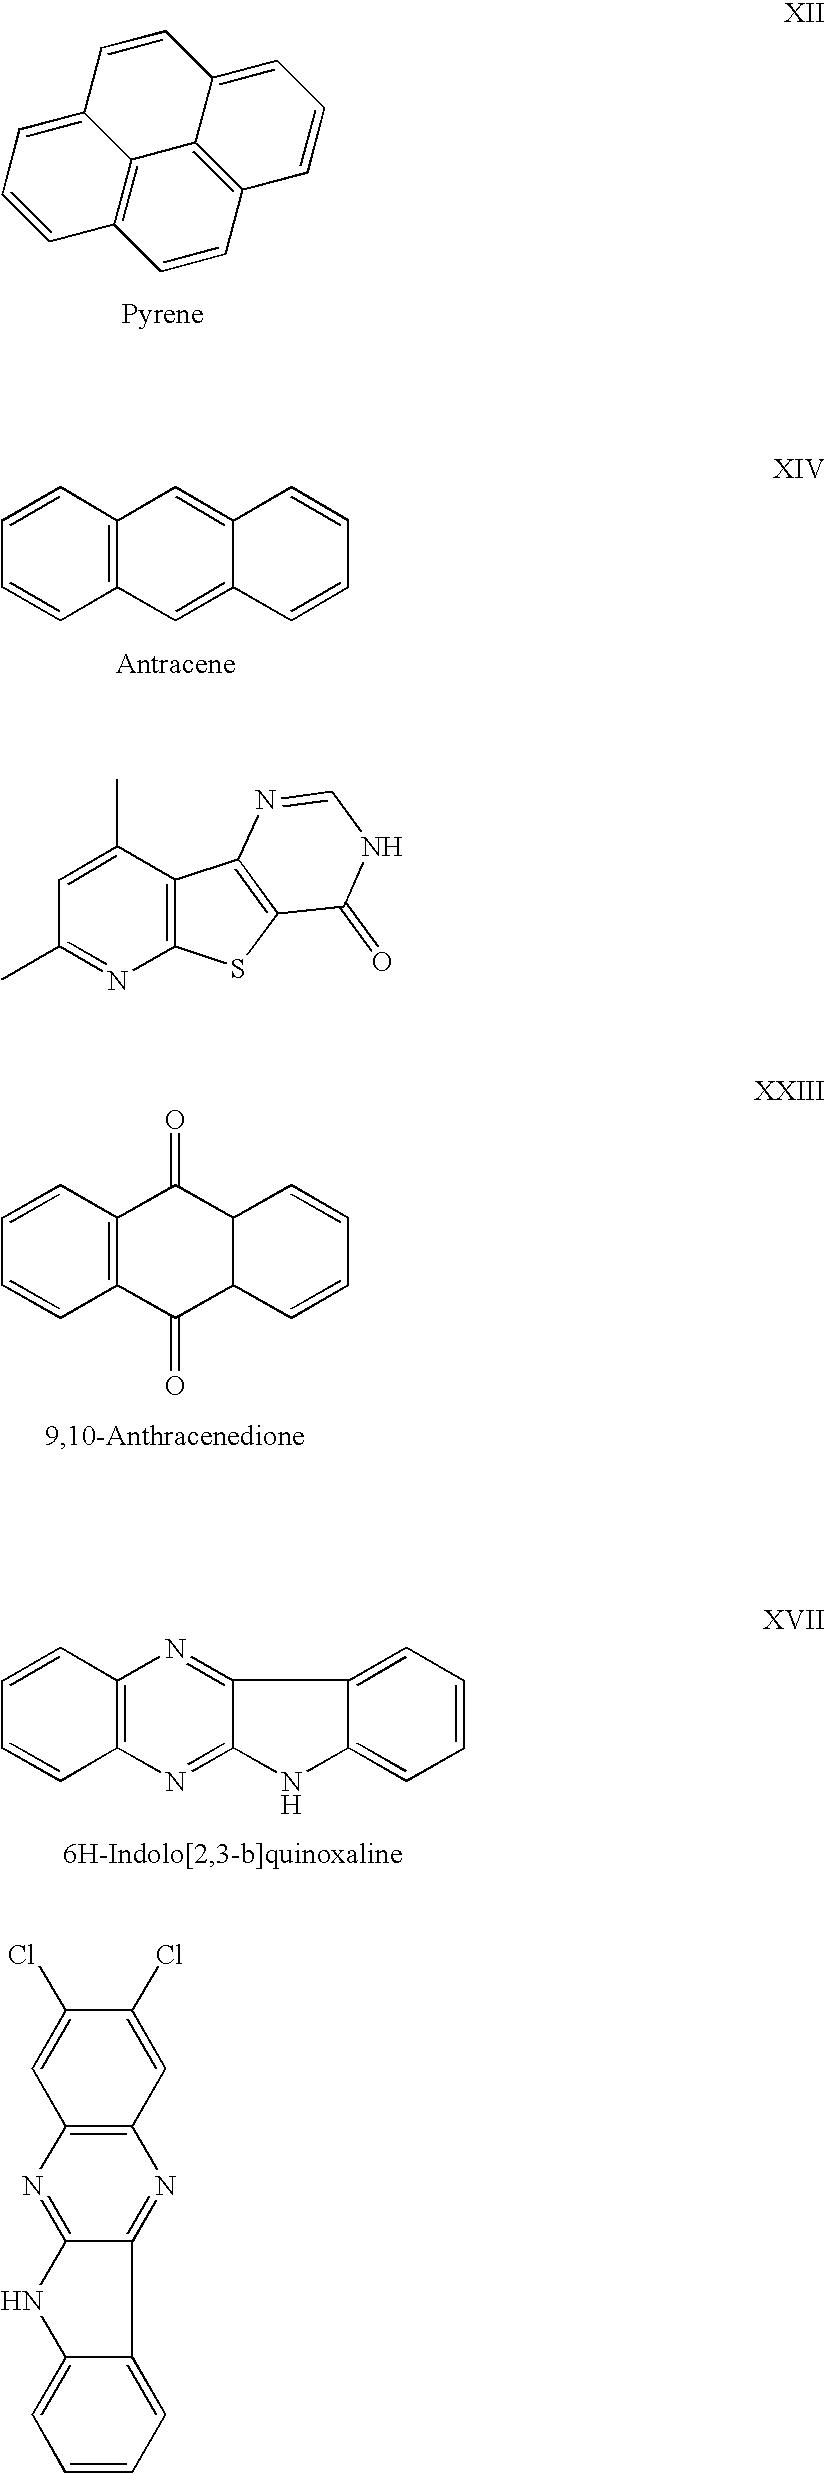 Figure US20060014144A1-20060119-C00073